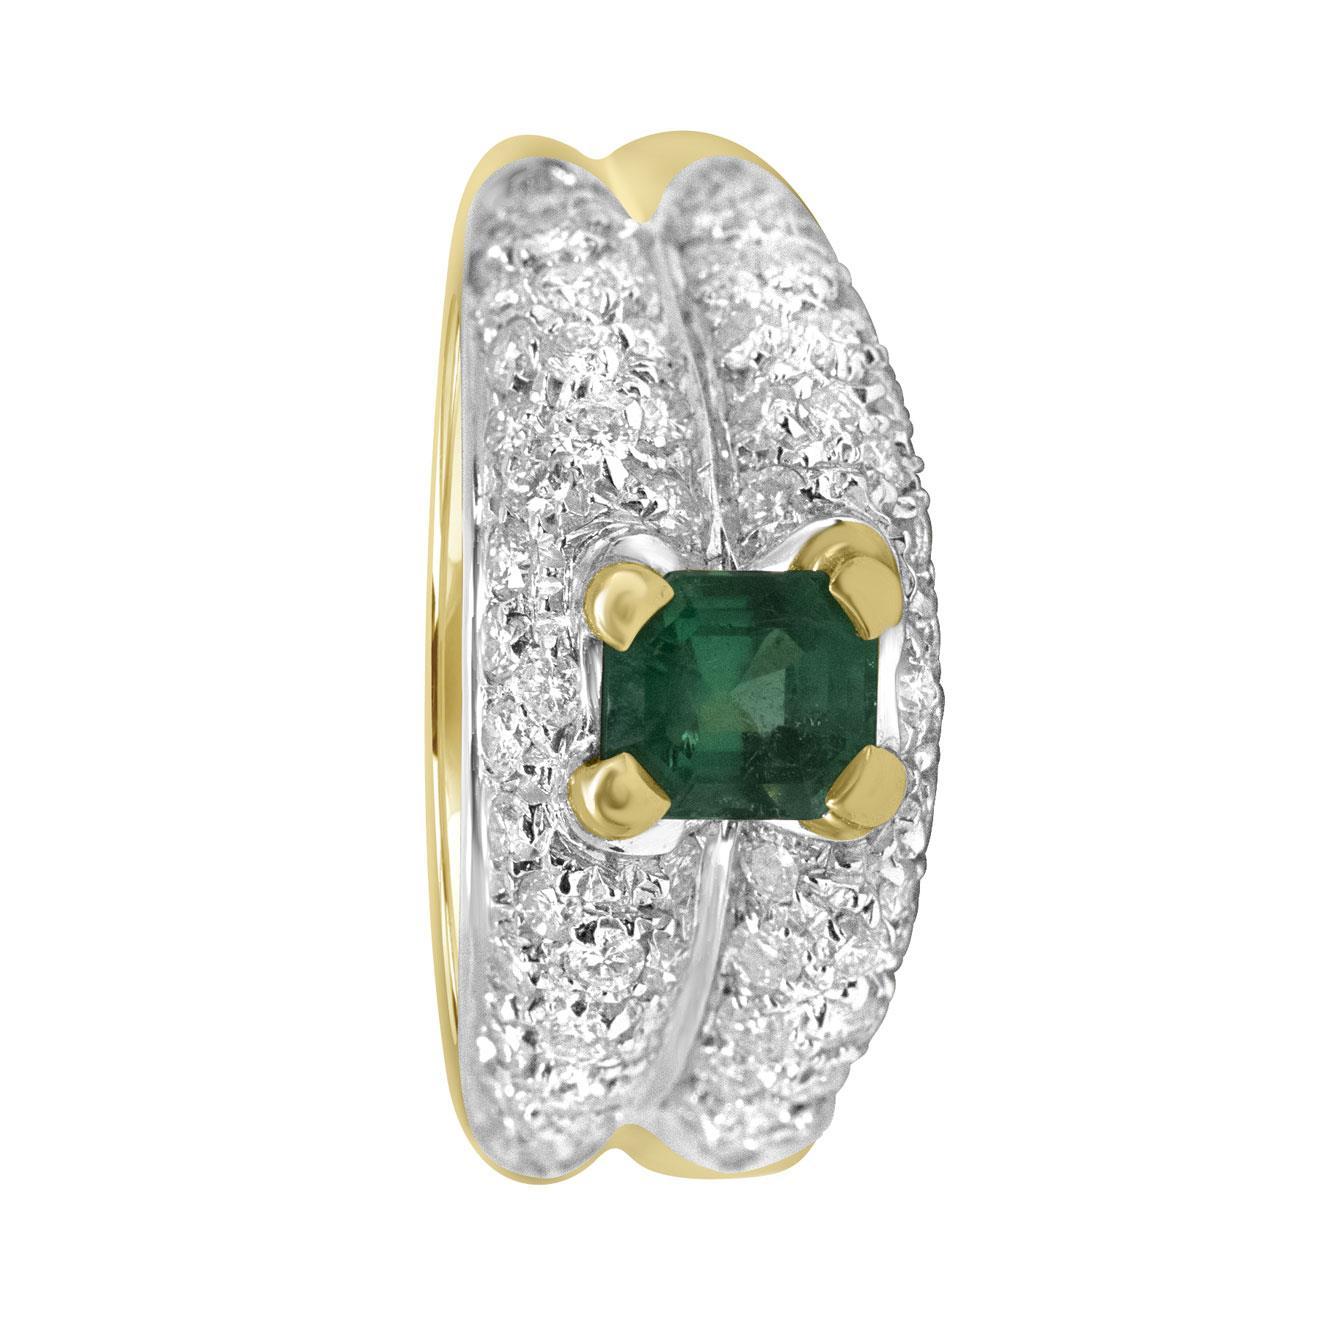 selezione premium c35ea 3265f Anello in oro giallo con diamanti ct 1.76 e pietra verde, misura 14